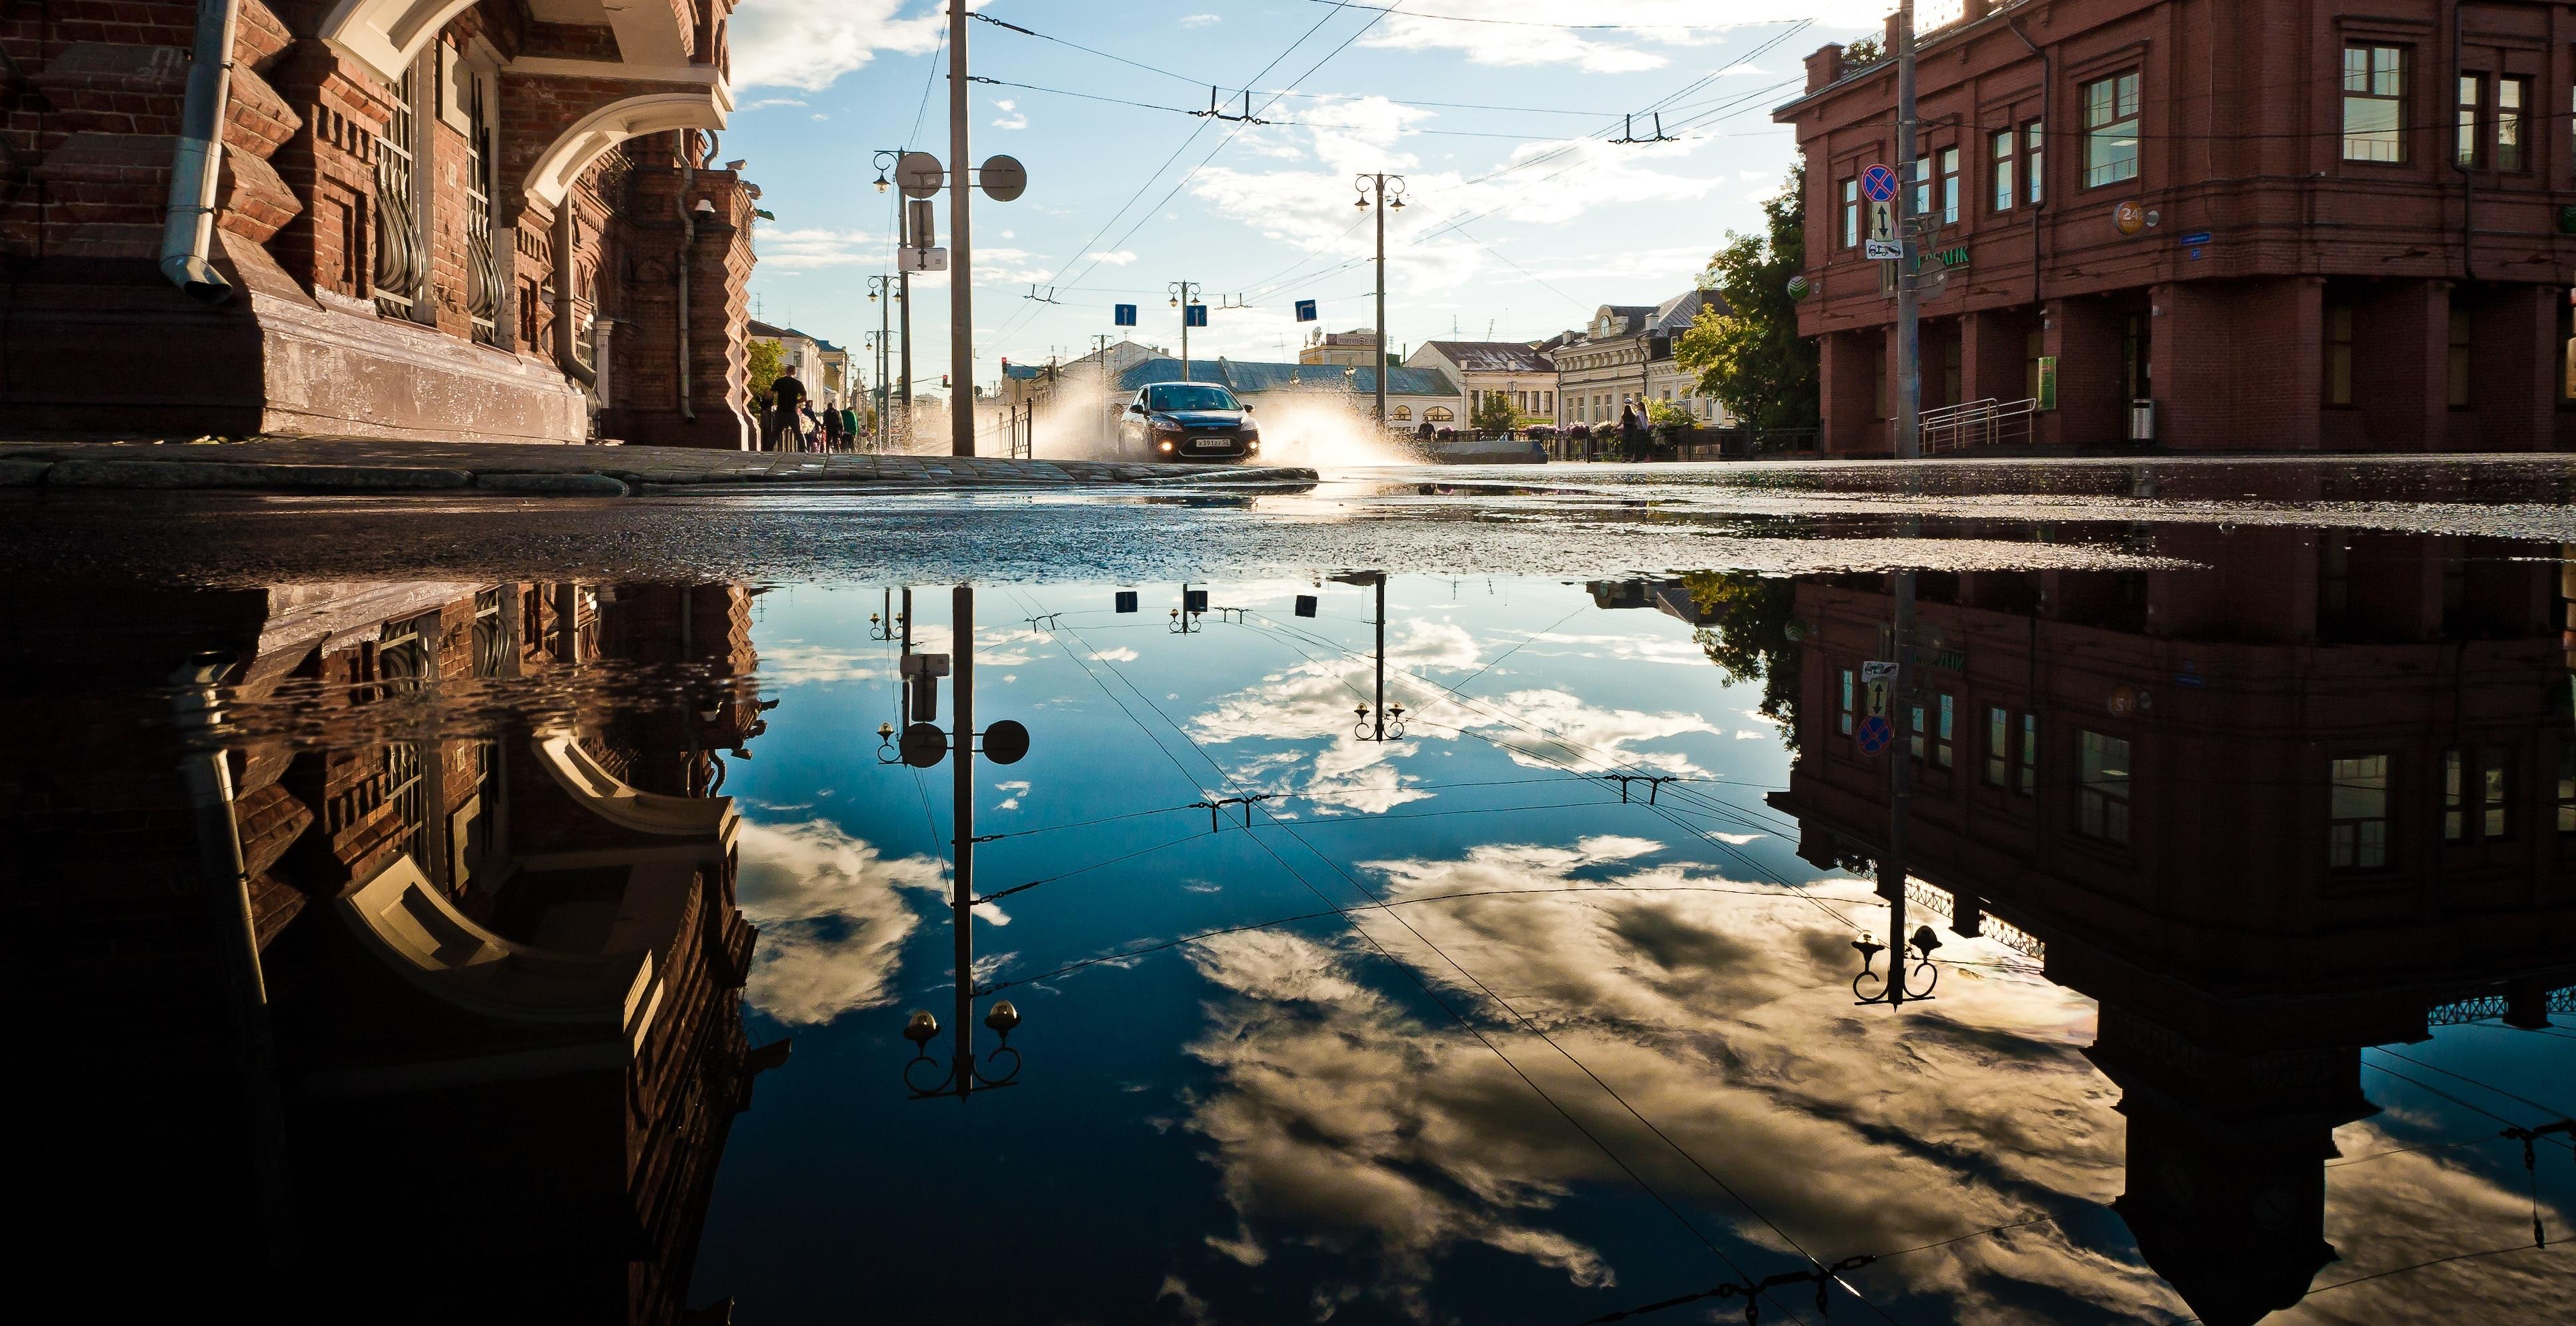 רחוב מוצף במים